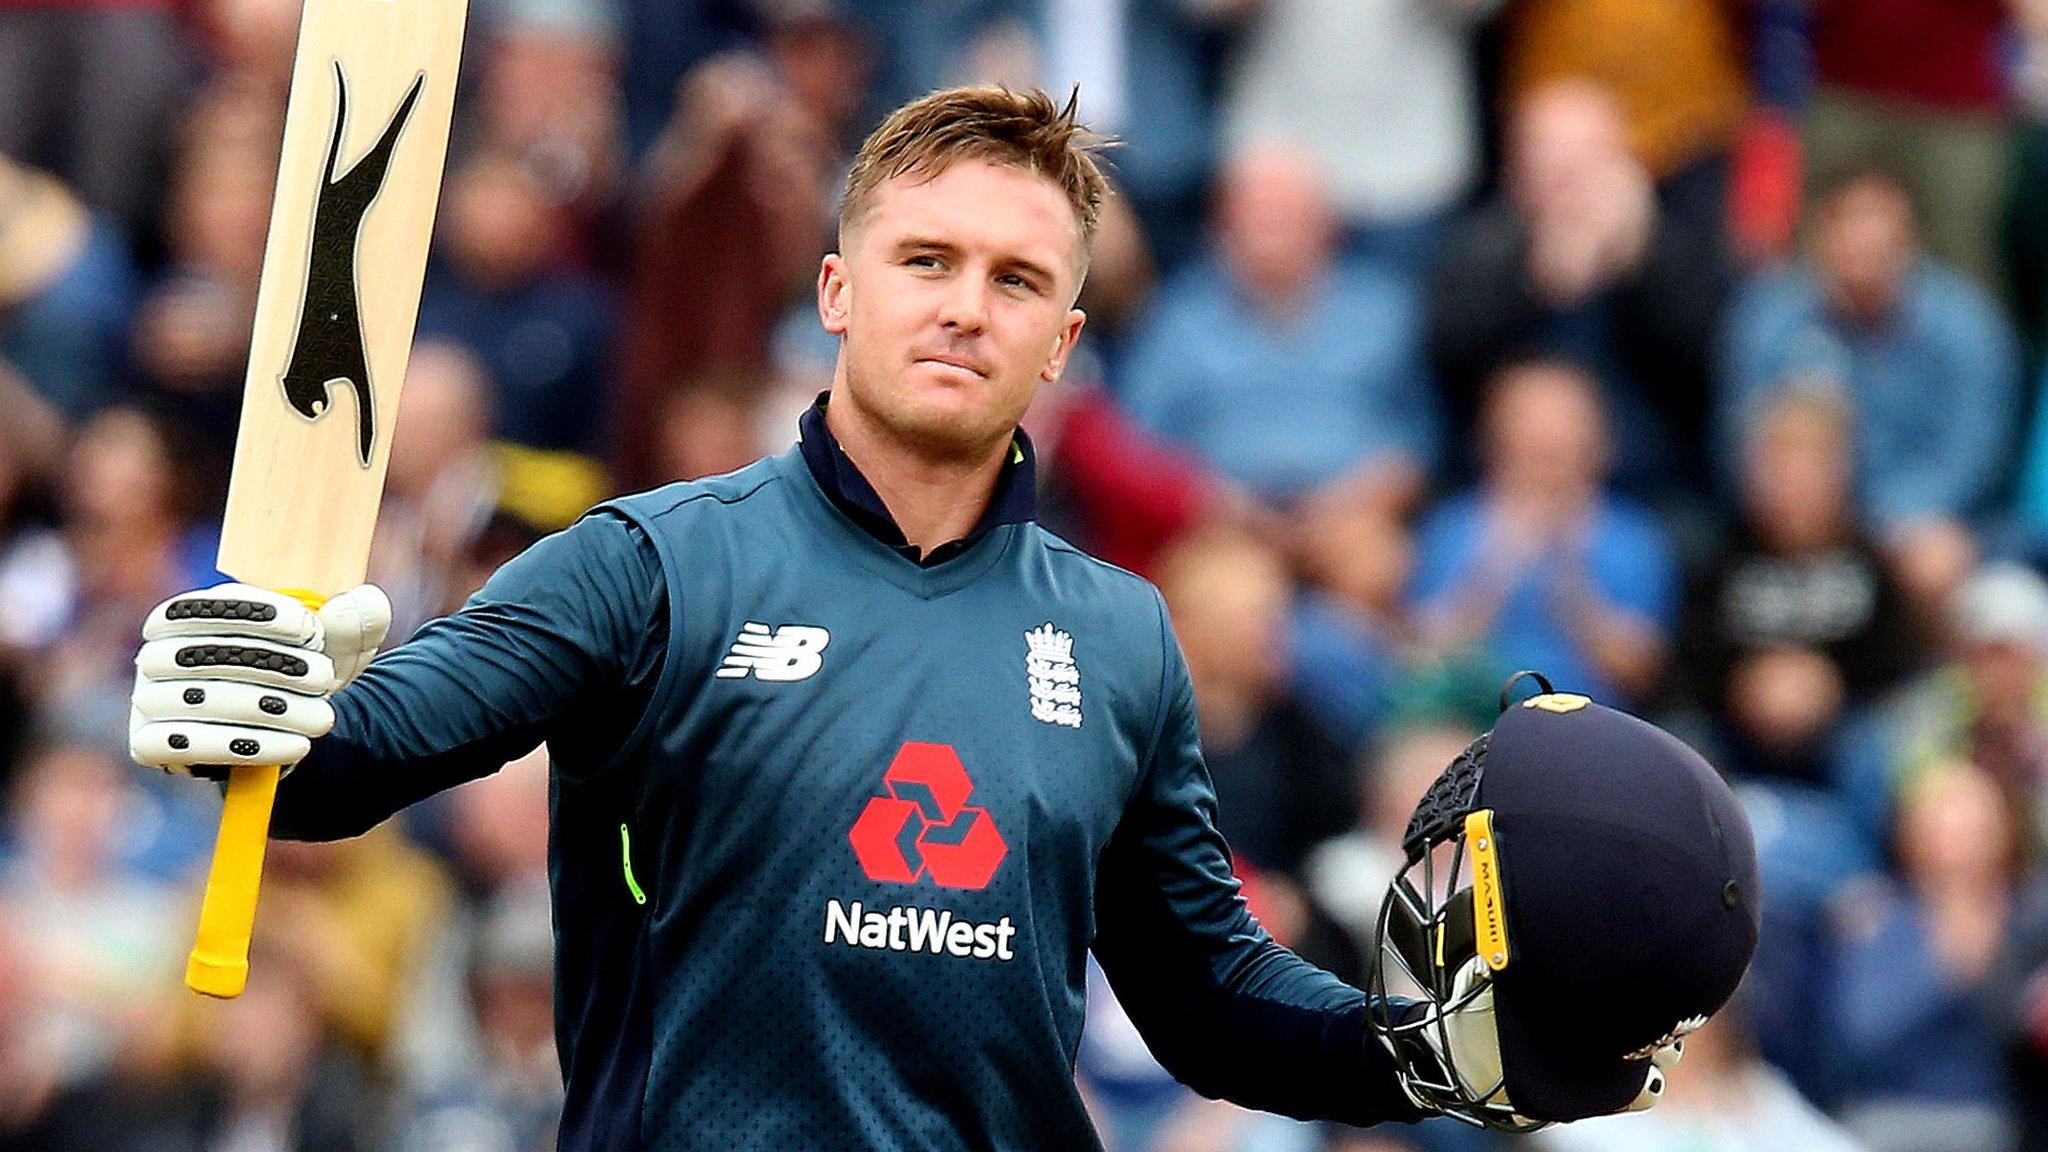 England v Australia: Jason Roy hits 120 to set up 38-run win for hosts